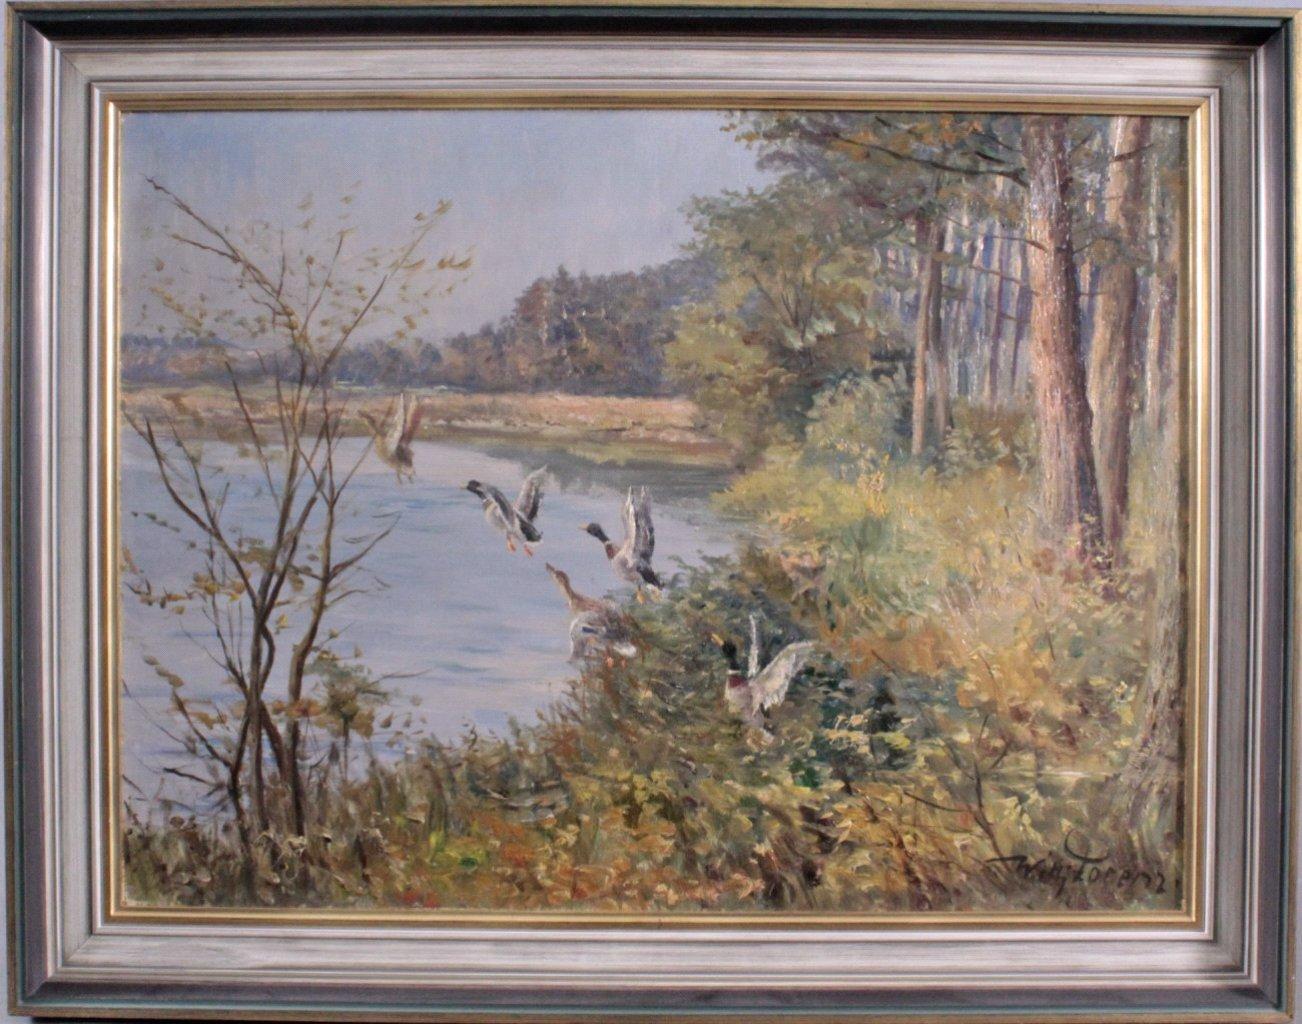 Willi Lorenz 1901-1981. Aufsteigende Enten am See